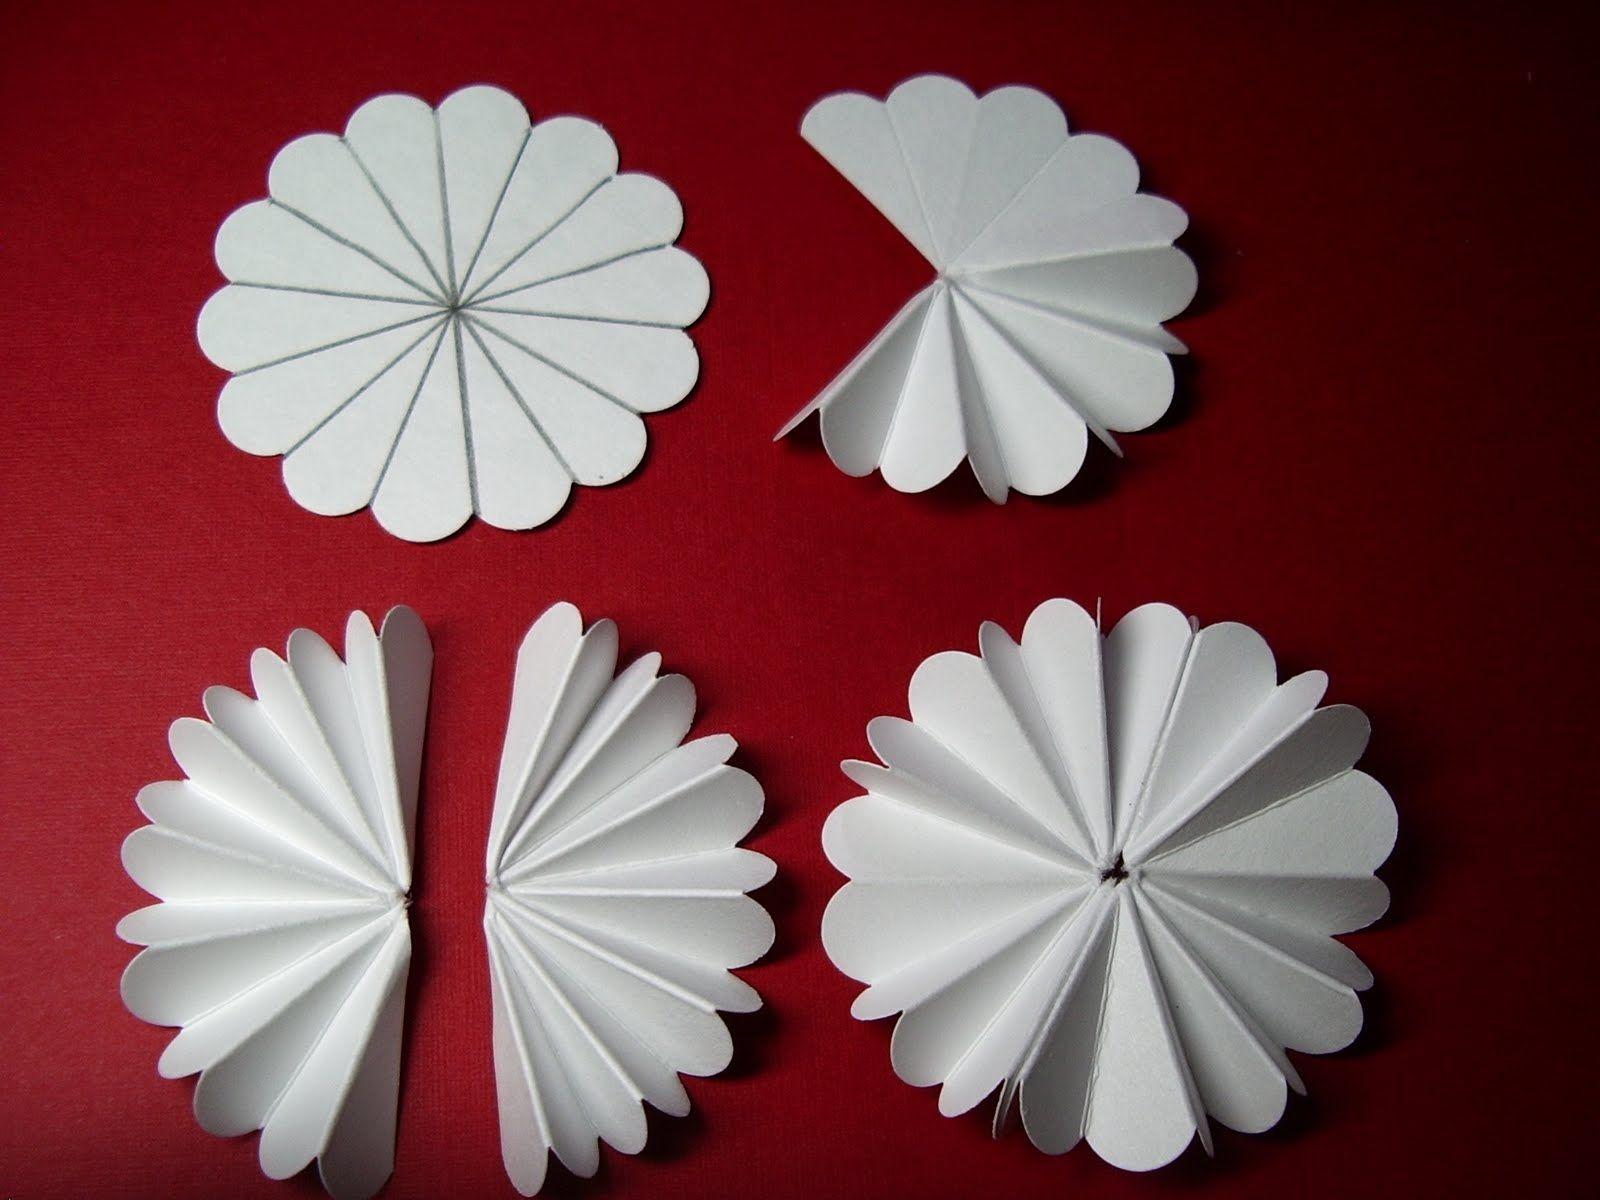 Accordion Paper Folding Recherche Google Scrapbook Paper Crafts